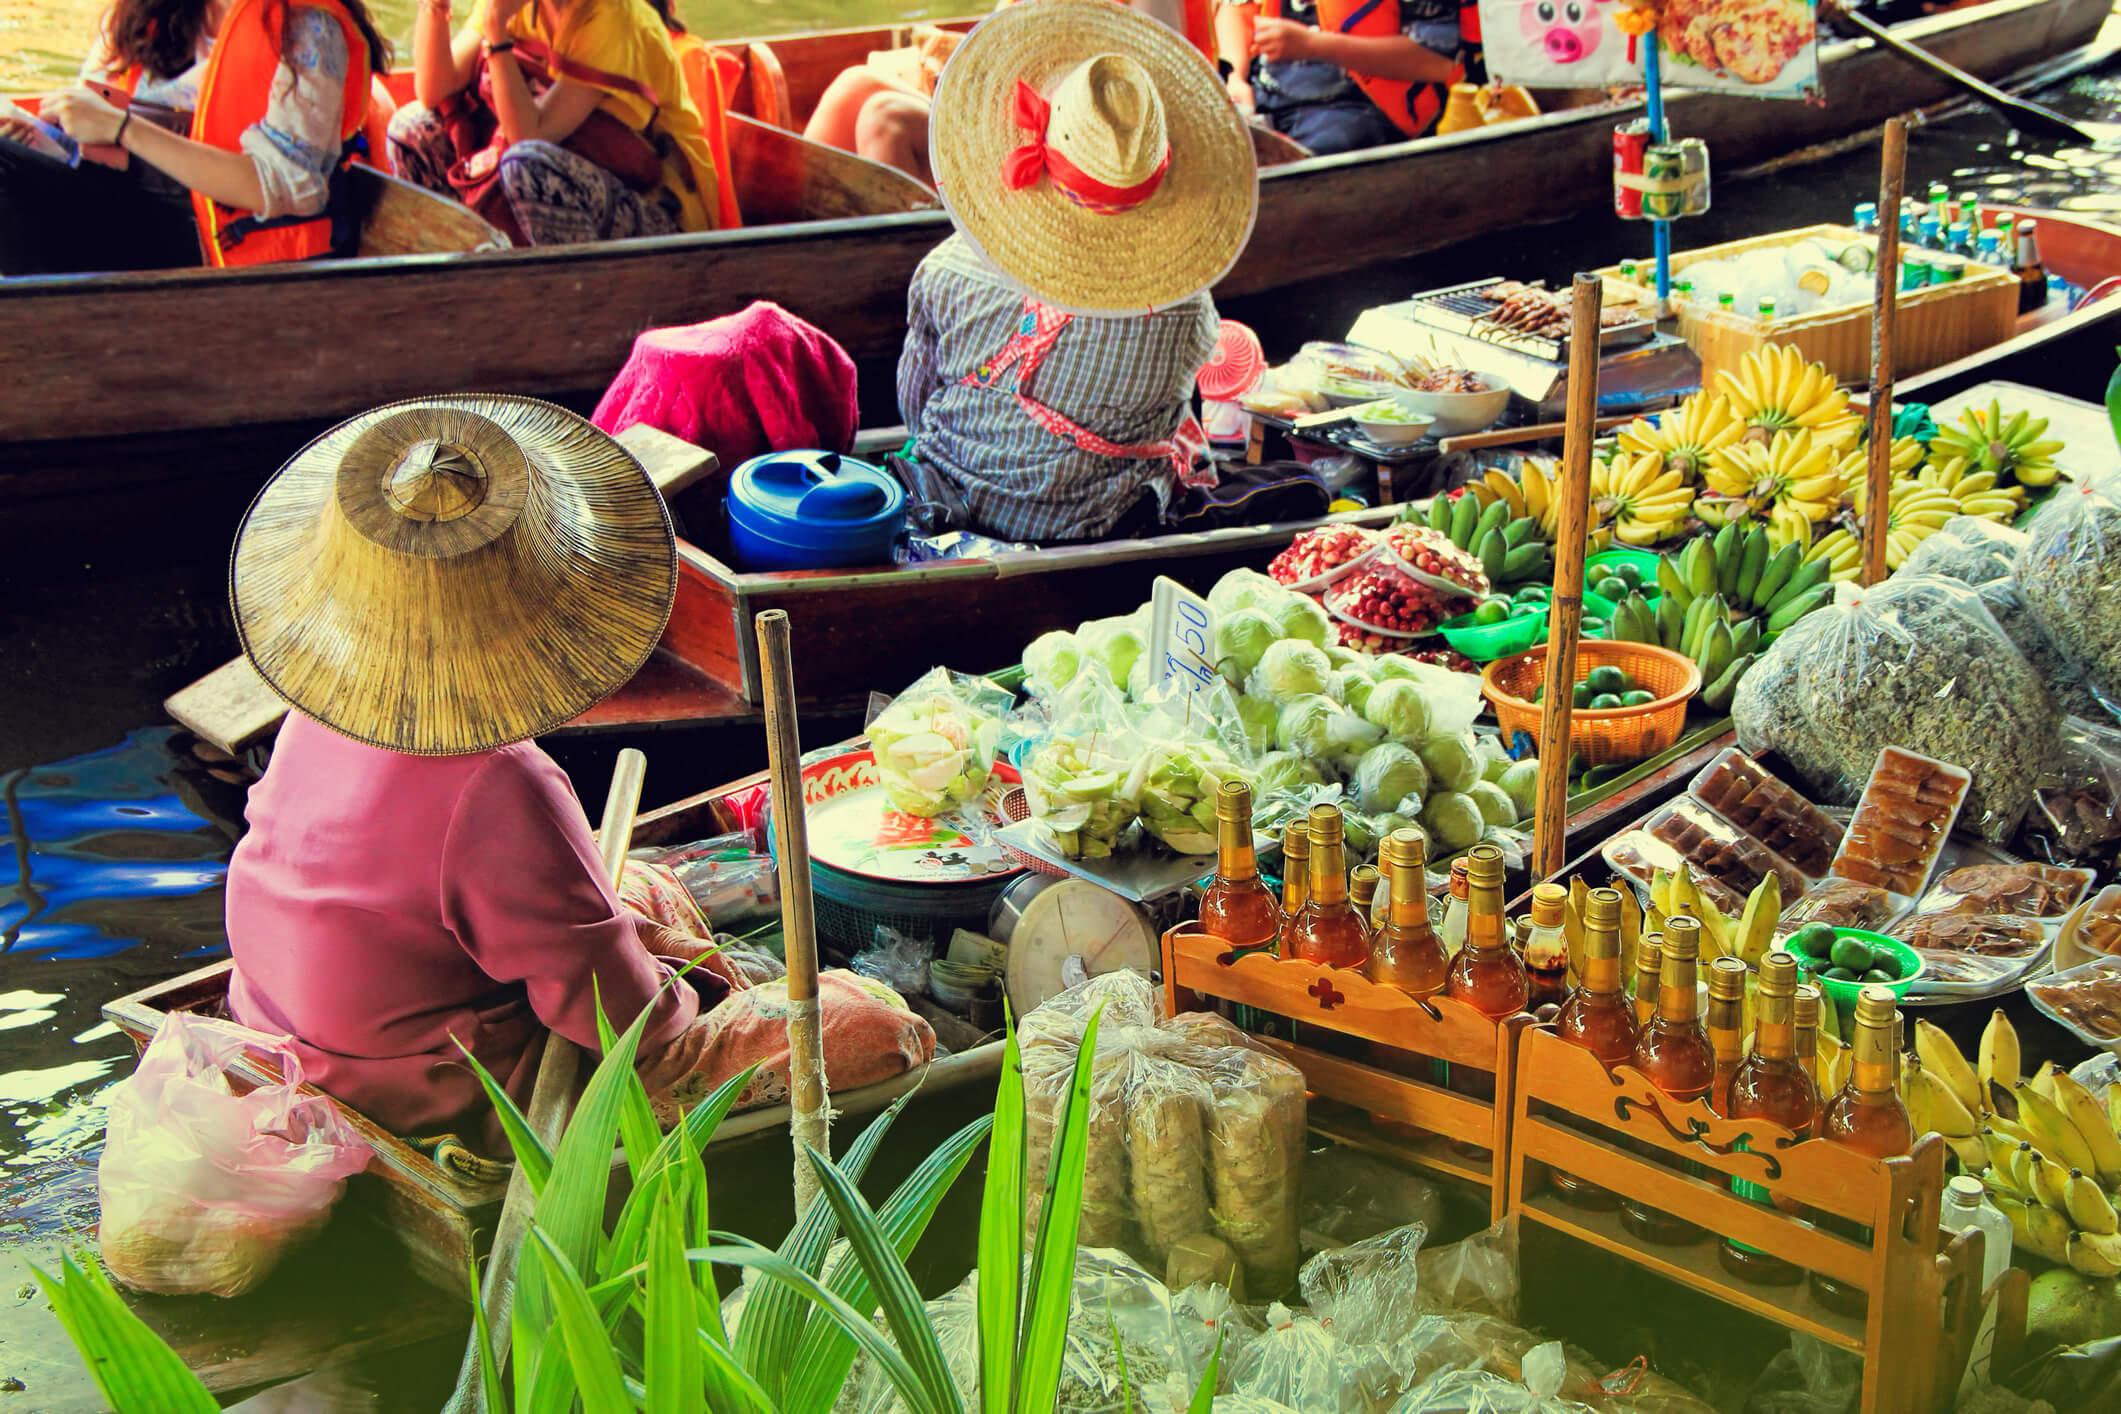 Thailaendische Marktfrauen auf Booten – exotische Fruechte im Urlaub richtig geniessen.